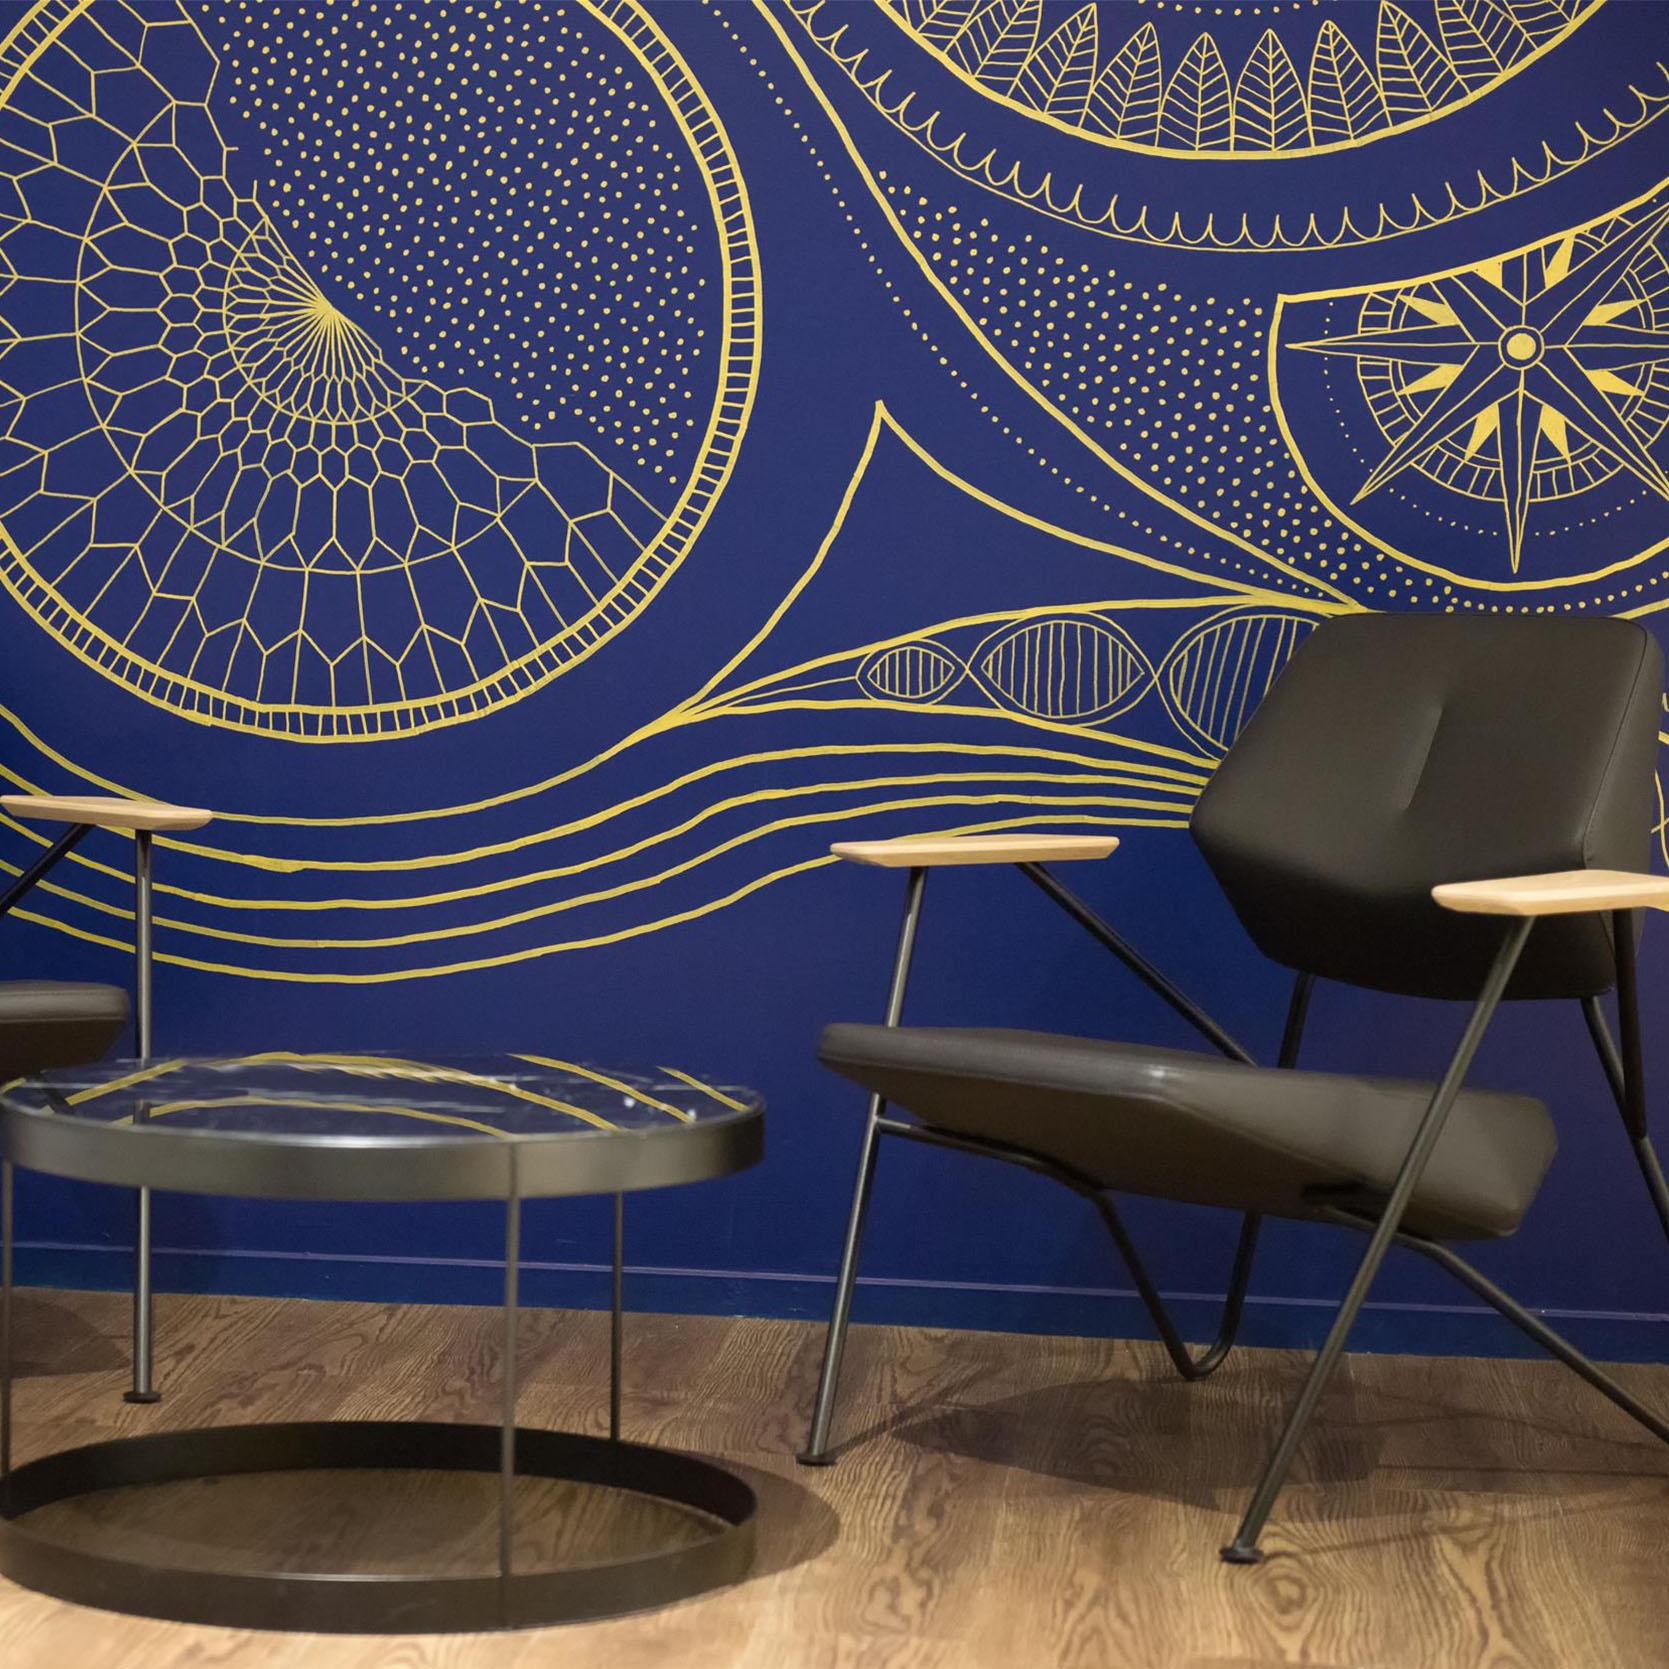 Espace d'attente-fauteuil-table basse en verre-vitrophanie